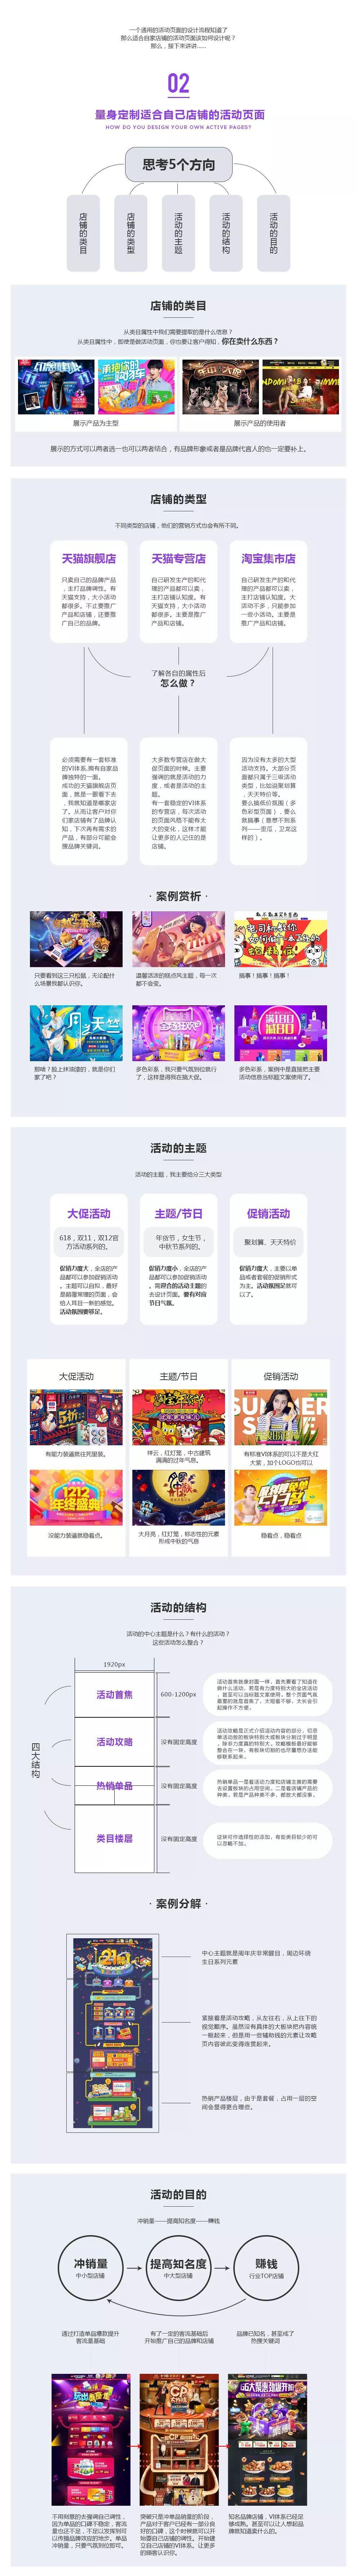 活动页面设计案例